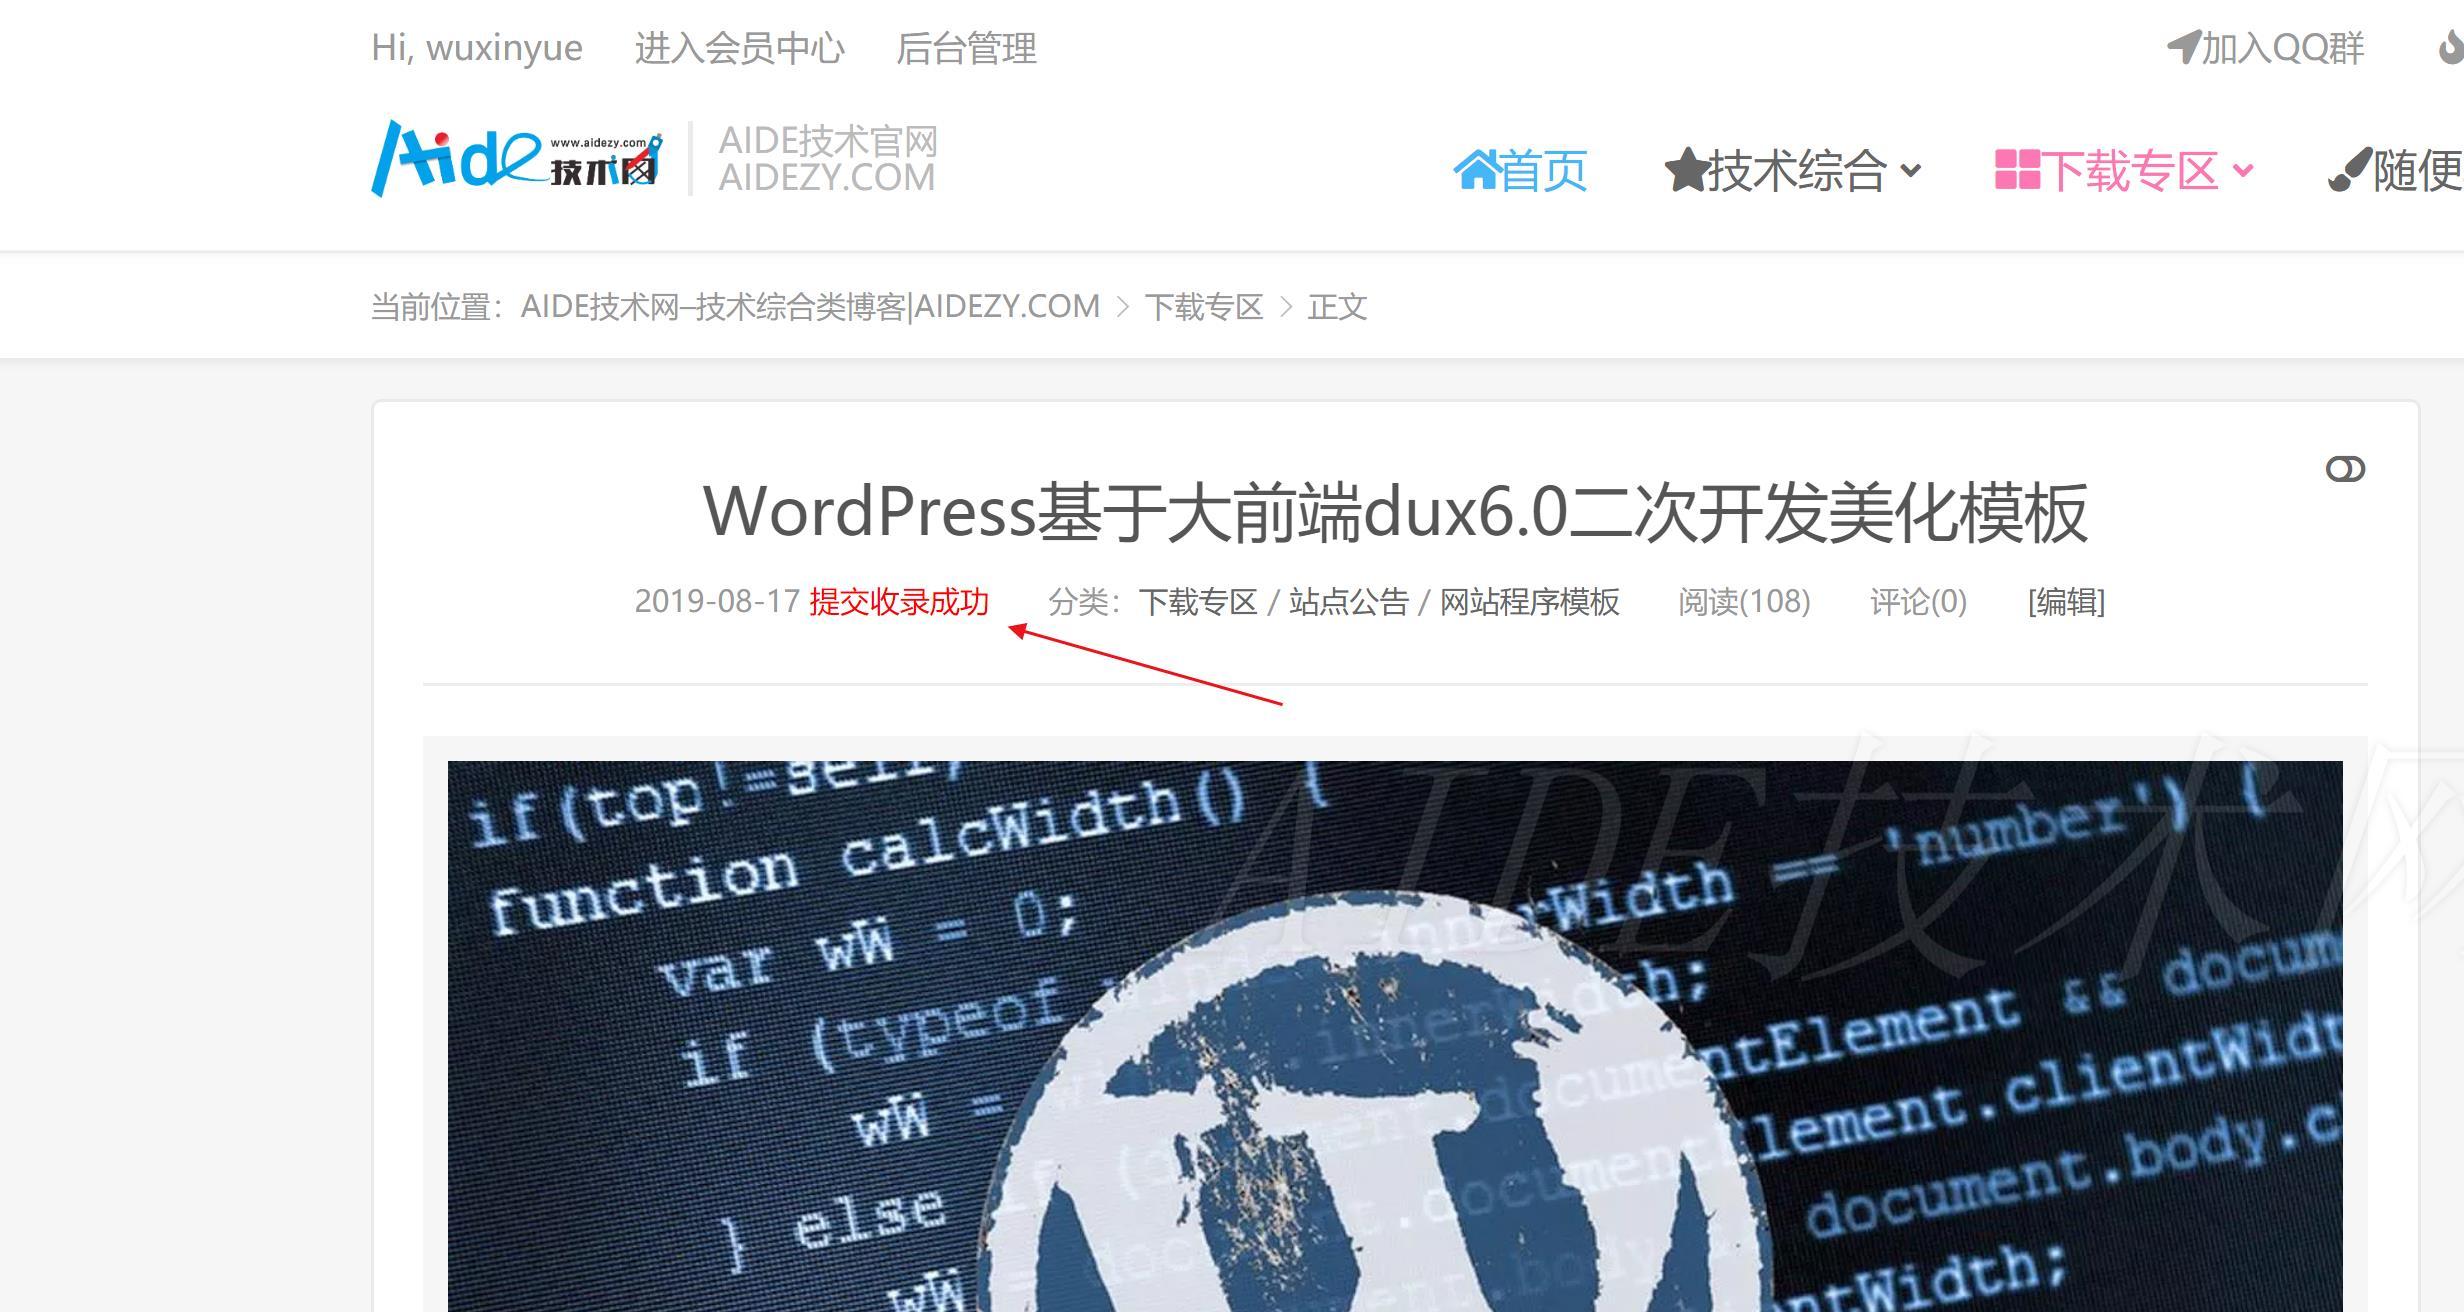 给Wordpress增加一个文章自动提交收录 WordPress教程 第3张